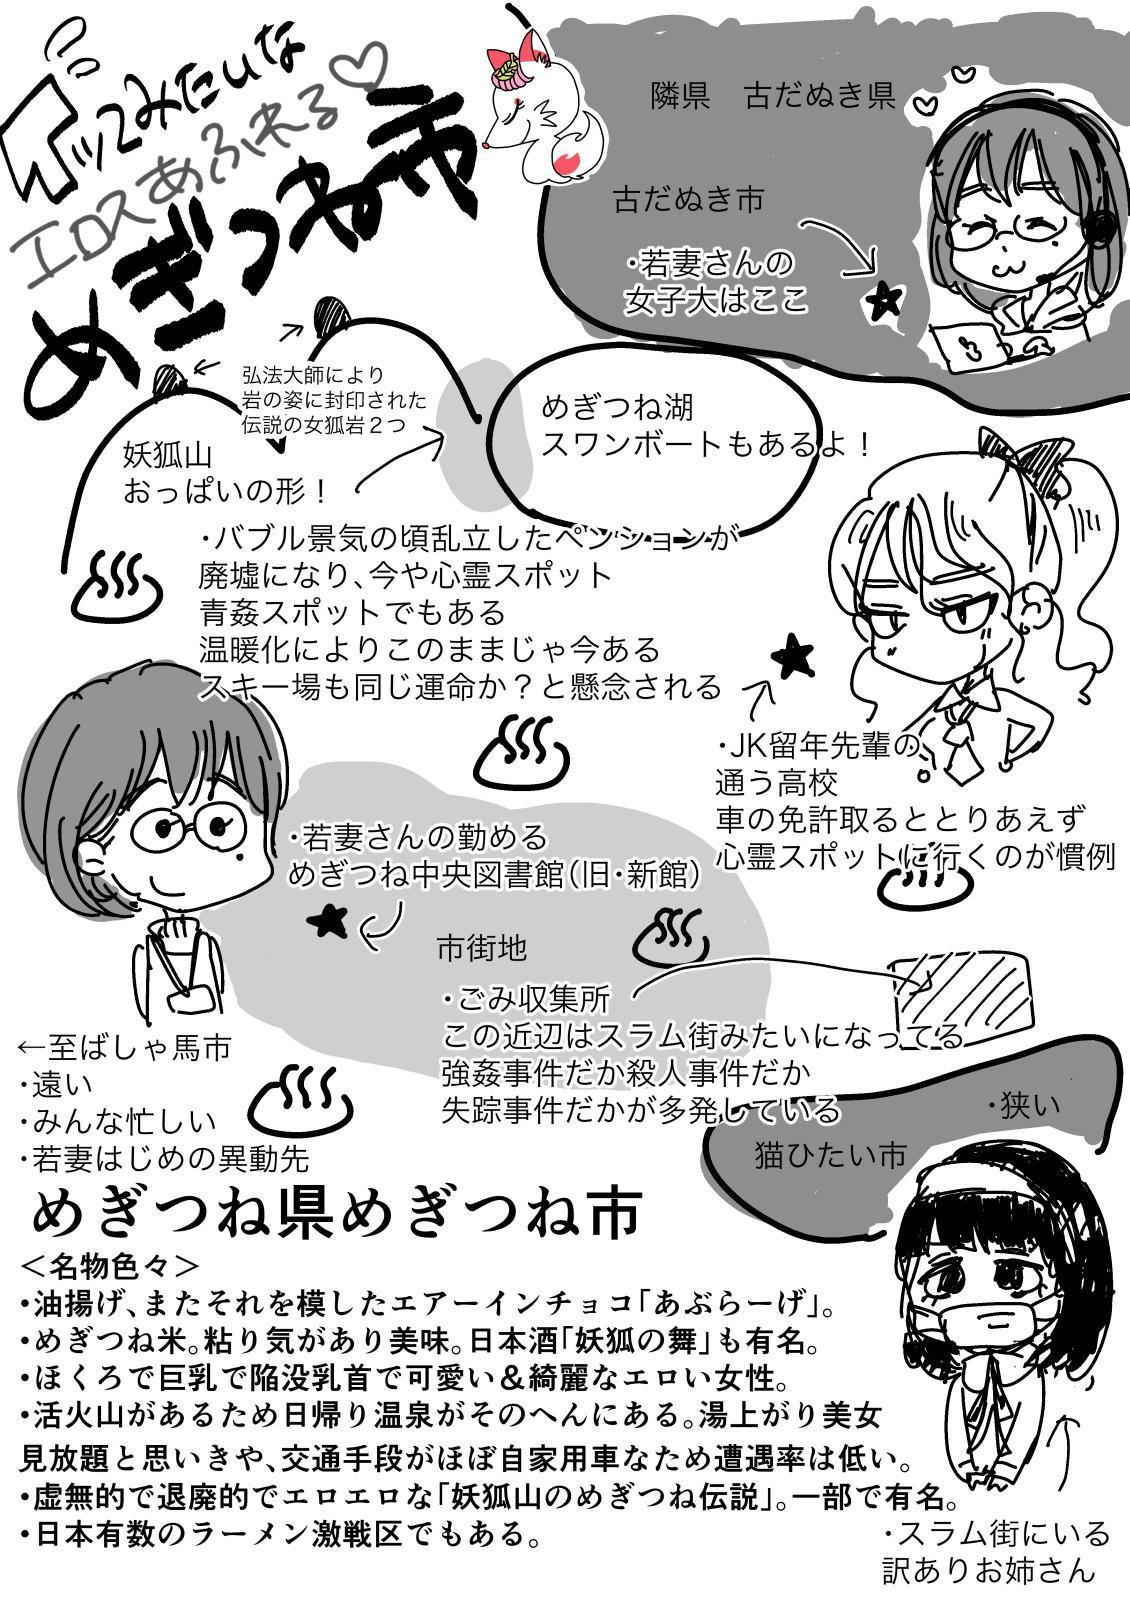 [Megitsune Works] Wakazuma-san wa Yokkyuu Fuman! Akogare no Shisho no Wakazuma-san ga Gakusei Beit no Boku no Fudeoroshi o Shite kuremashita. 79